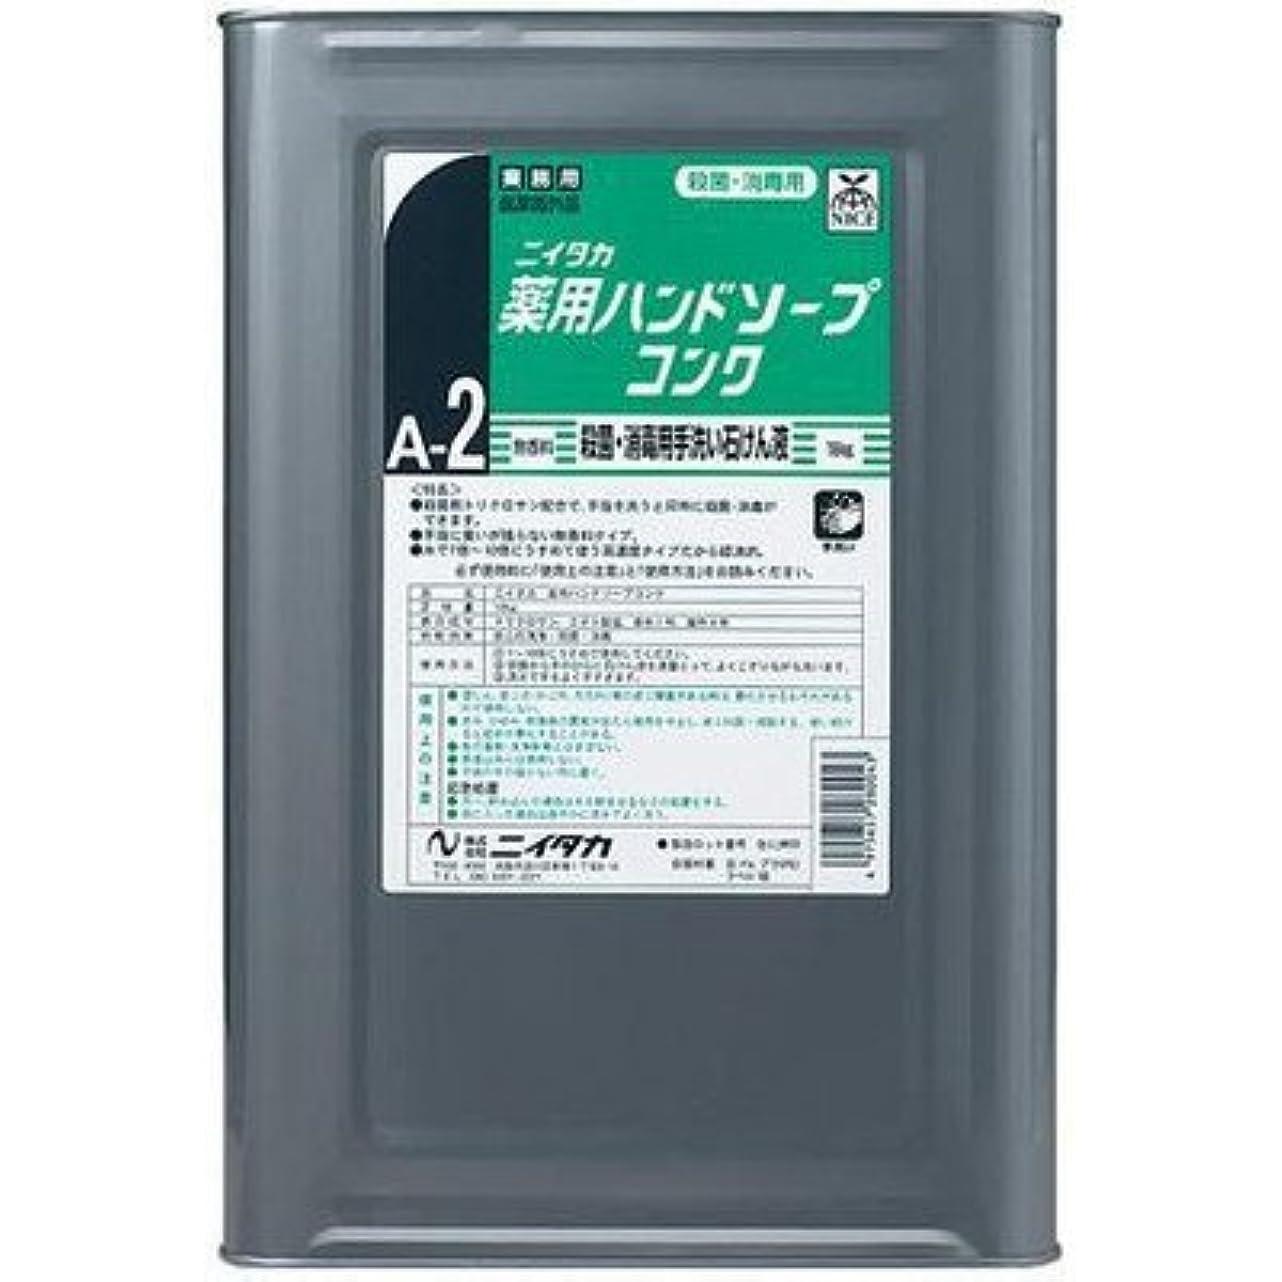 教室名門吸い込むニイタカ 業務用手洗い石けん液 薬用ハンドソープコンク(A-2) 18kg×1本